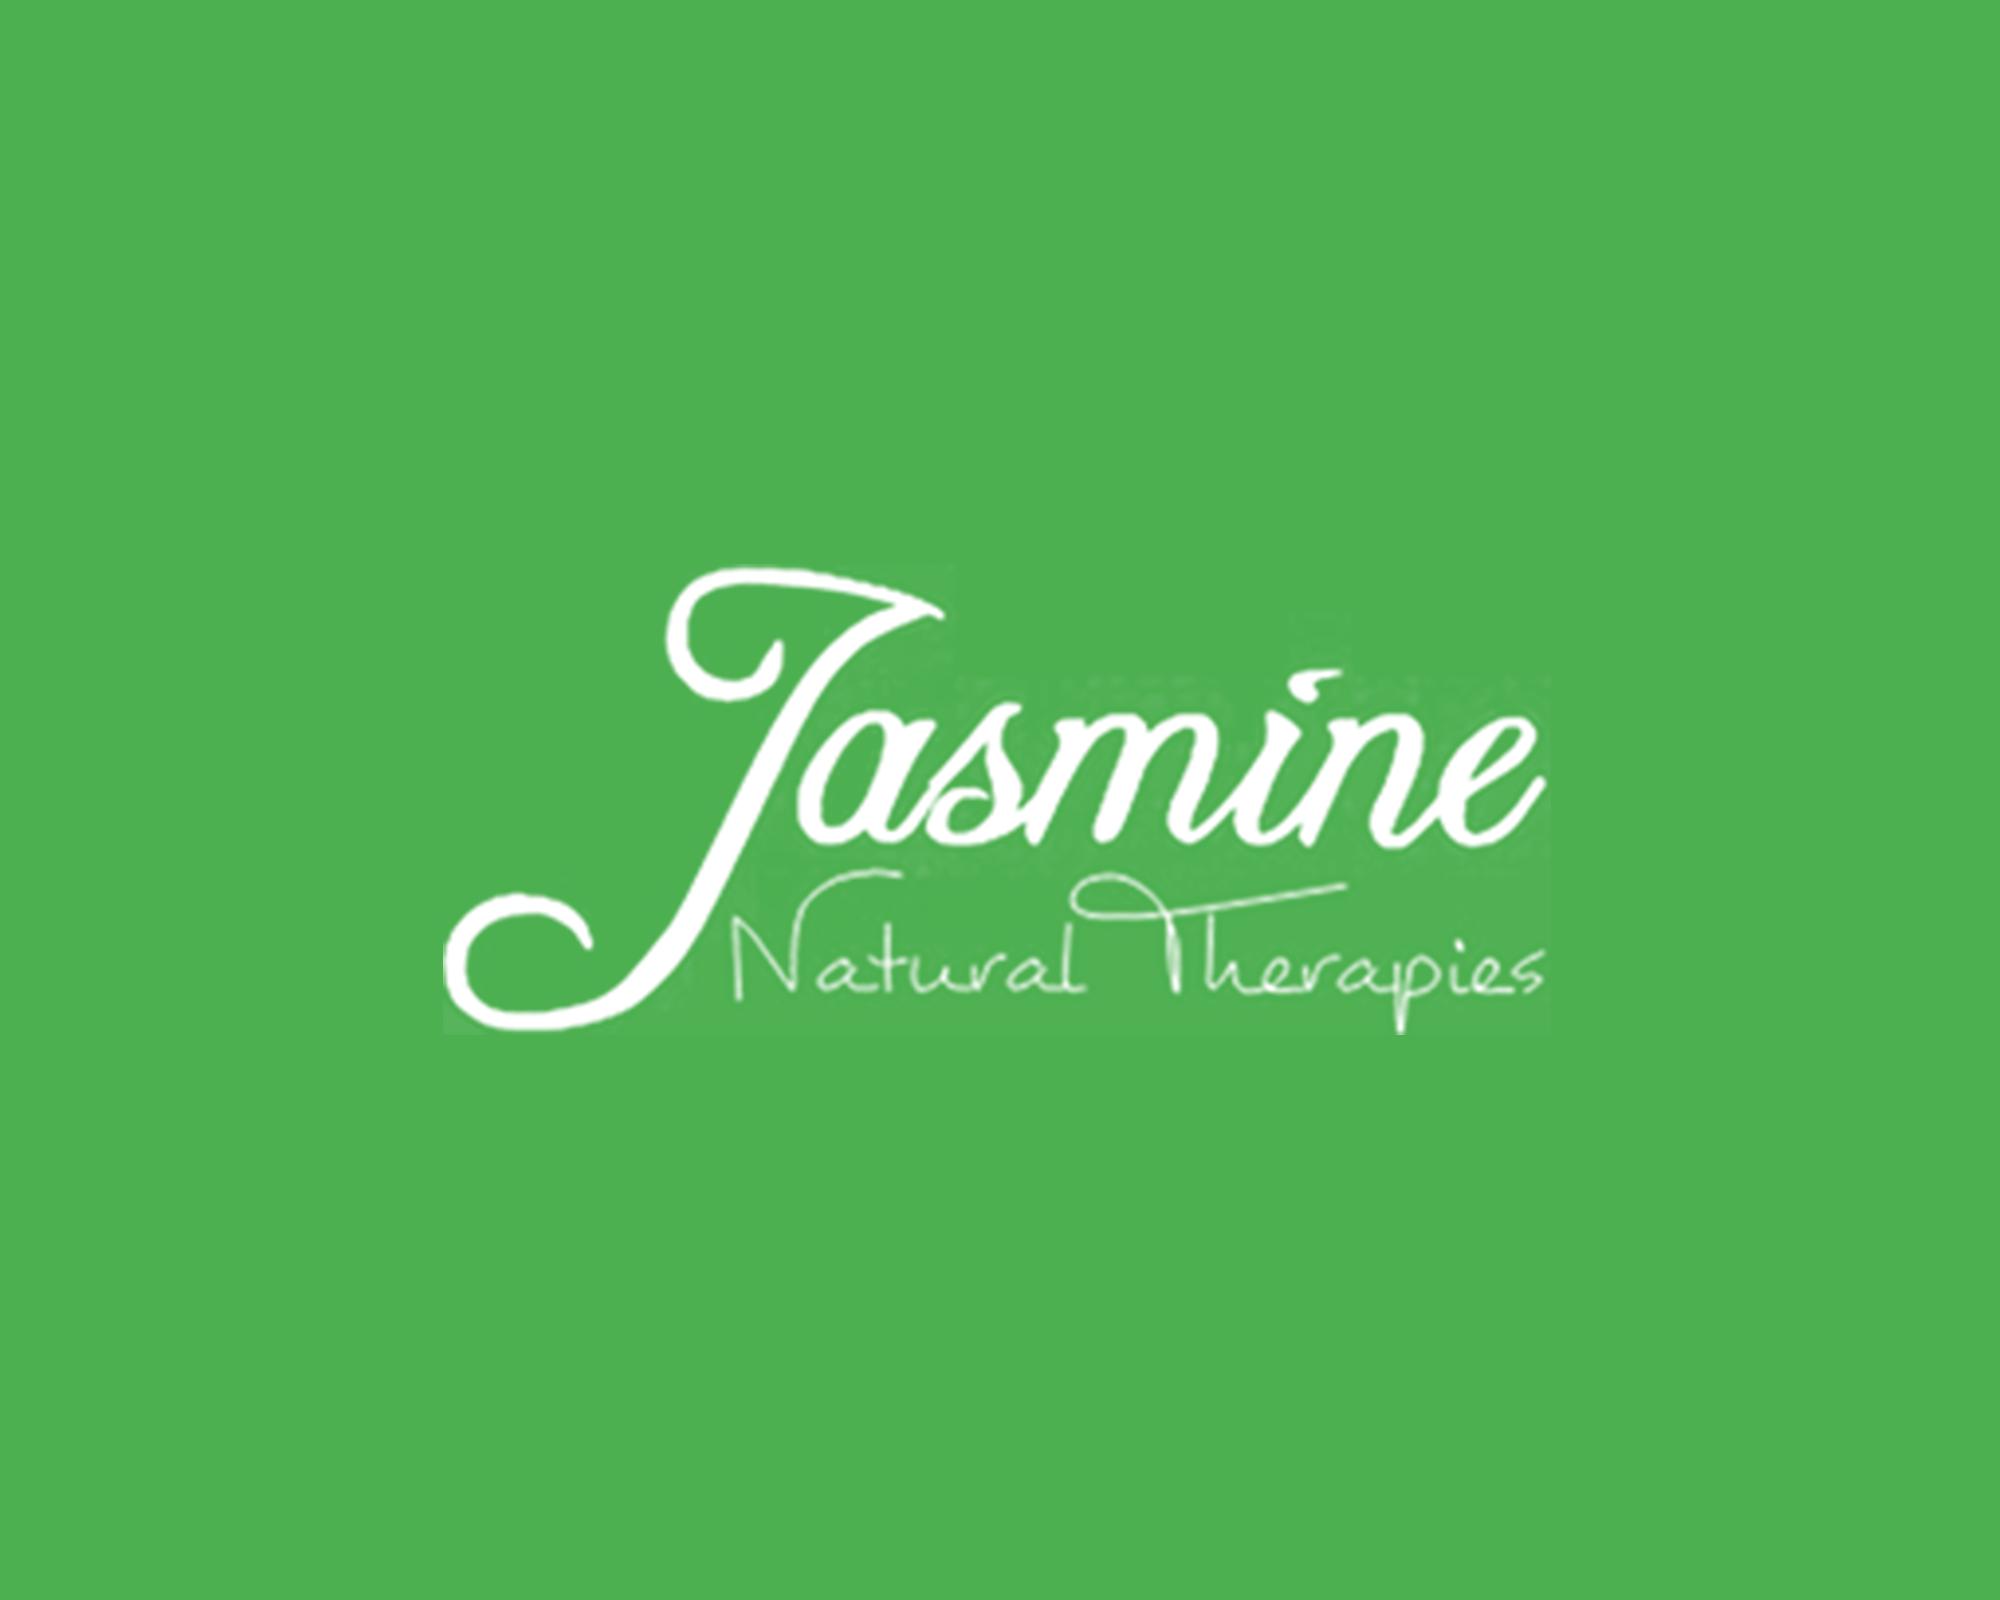 jasmine natural therapies Logo